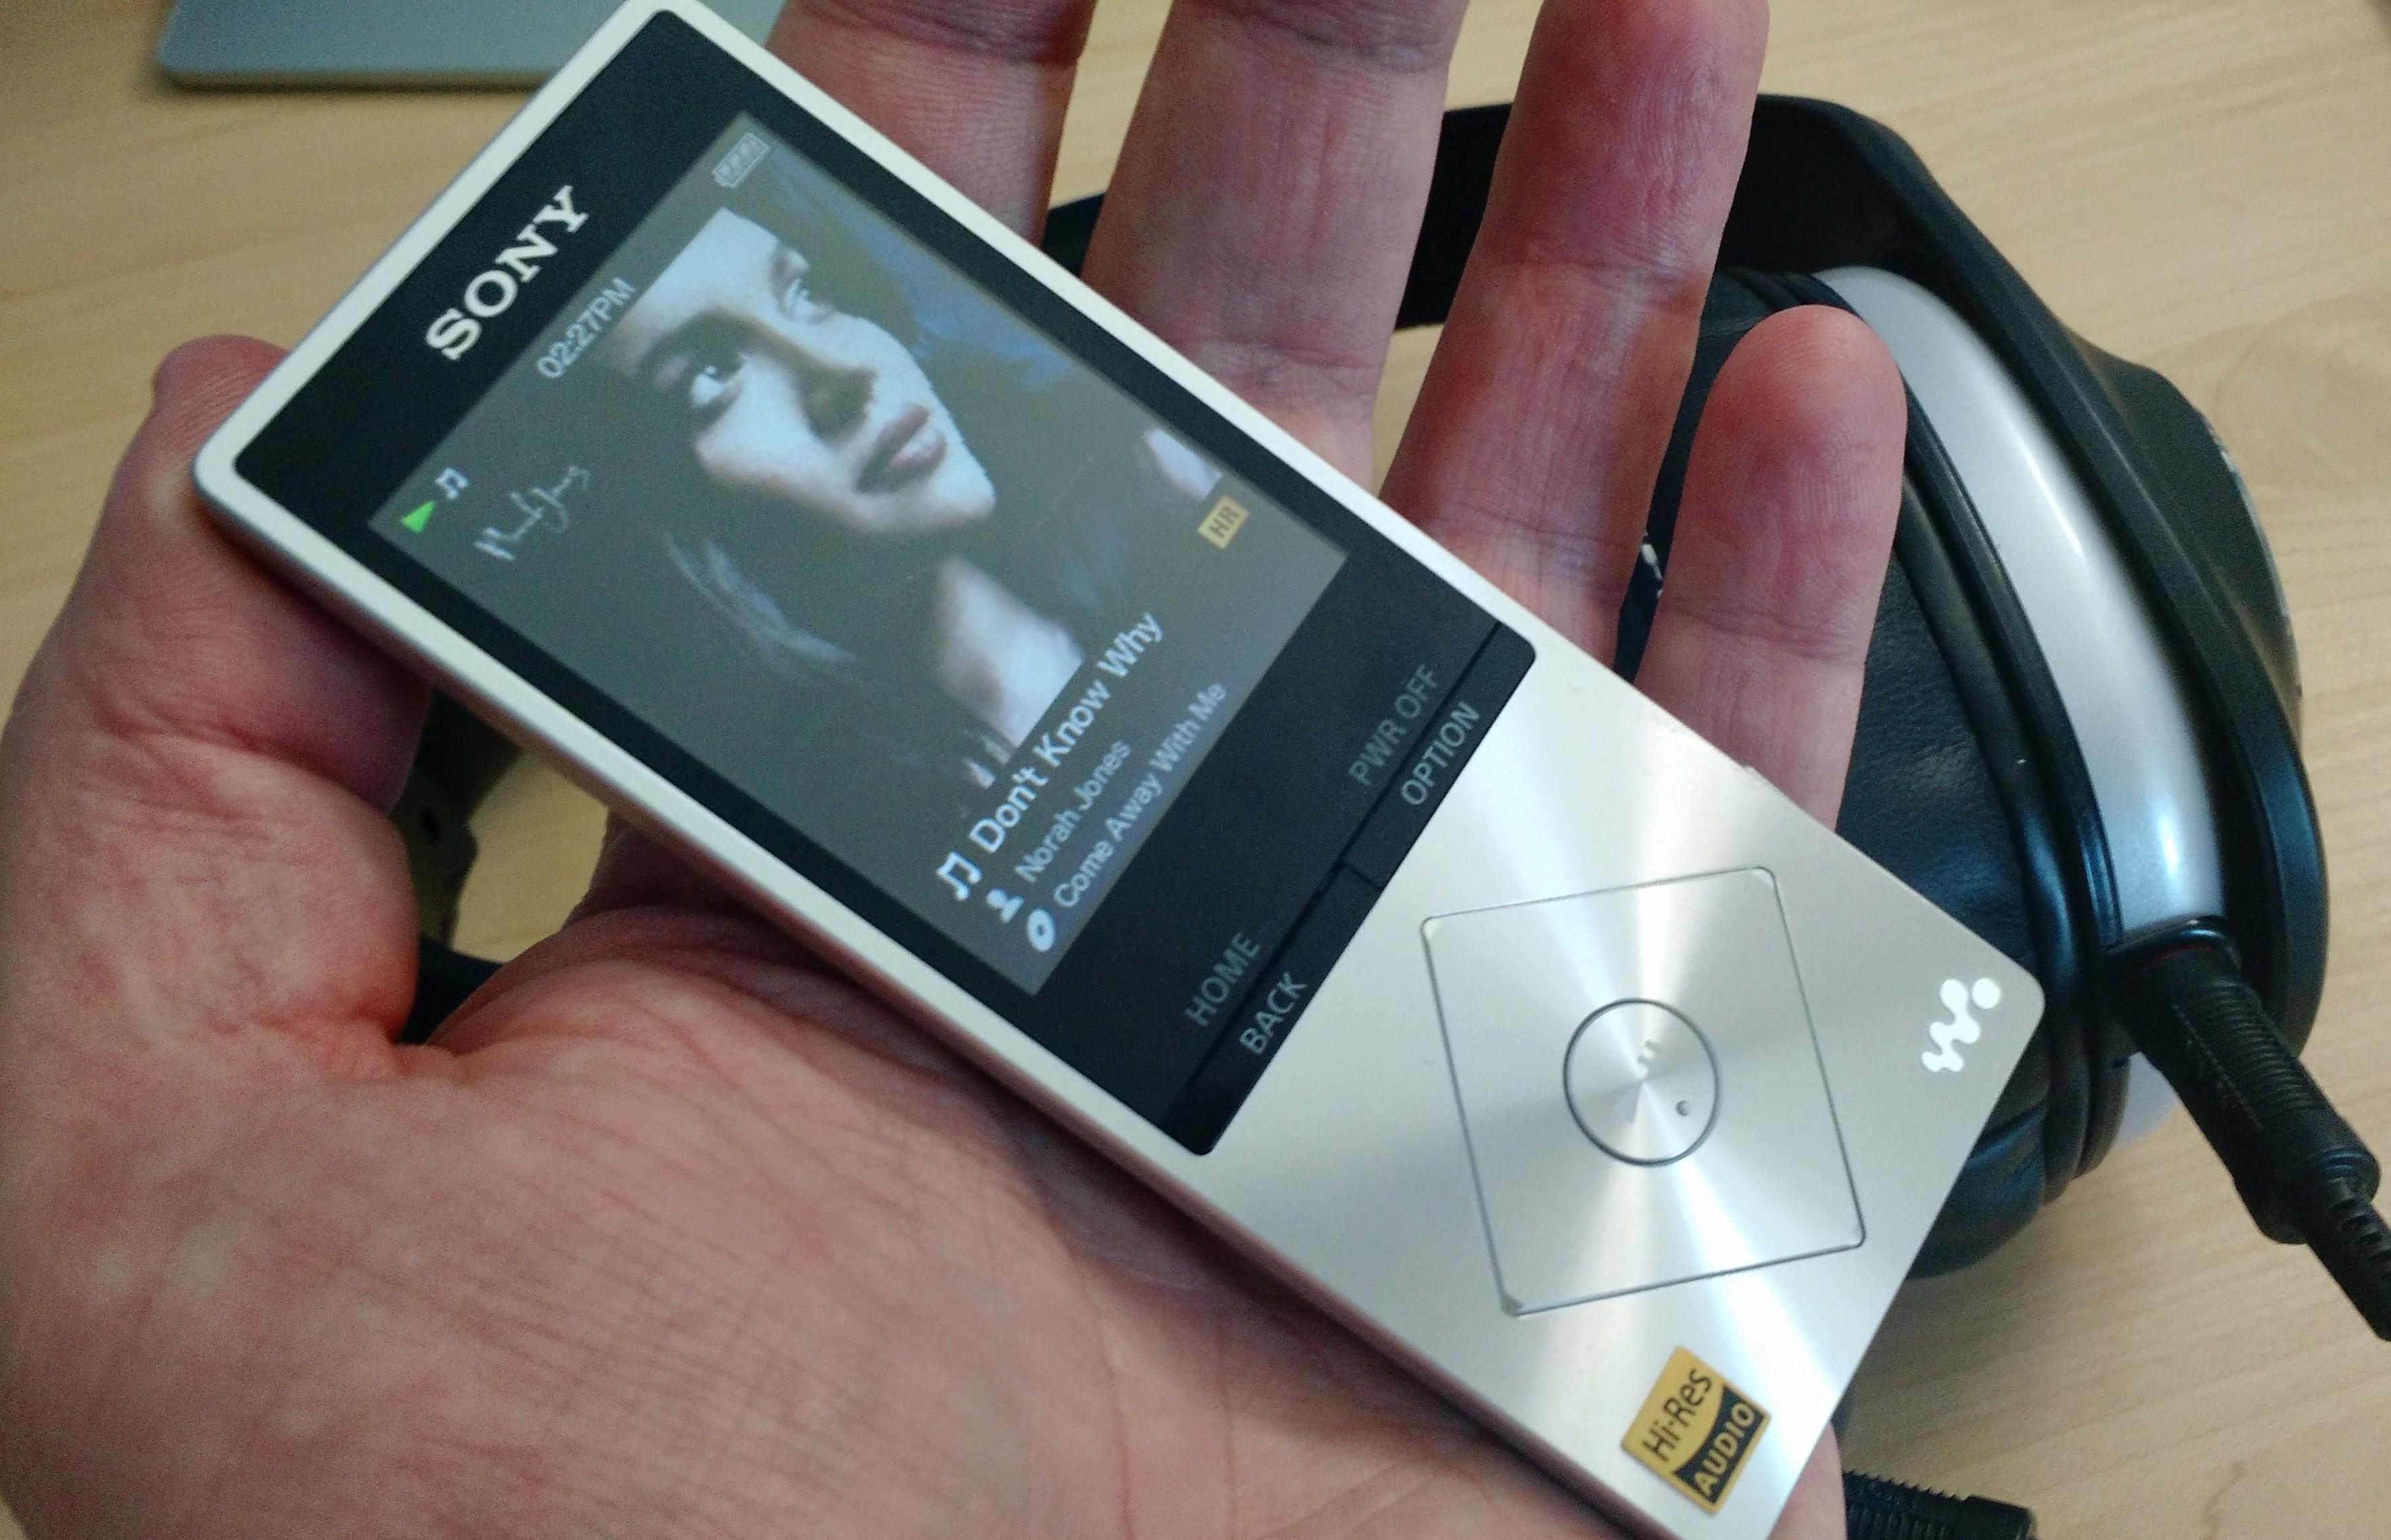 Walkman A17 in hand